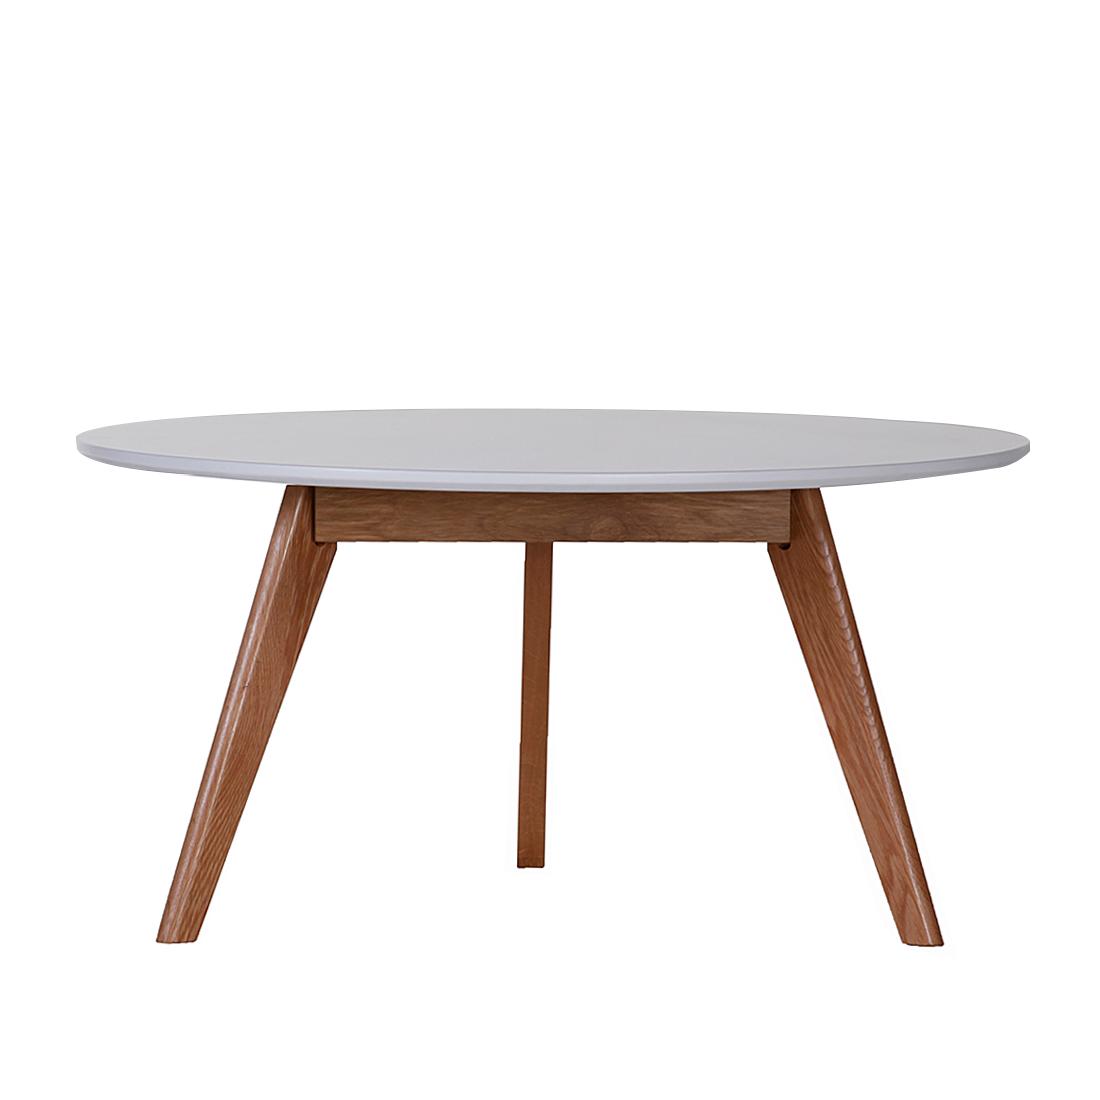 Couchtisch Massivholz Eiche Tisch Weiss Lackiert Retro Beistelltisch Wohnzimmer